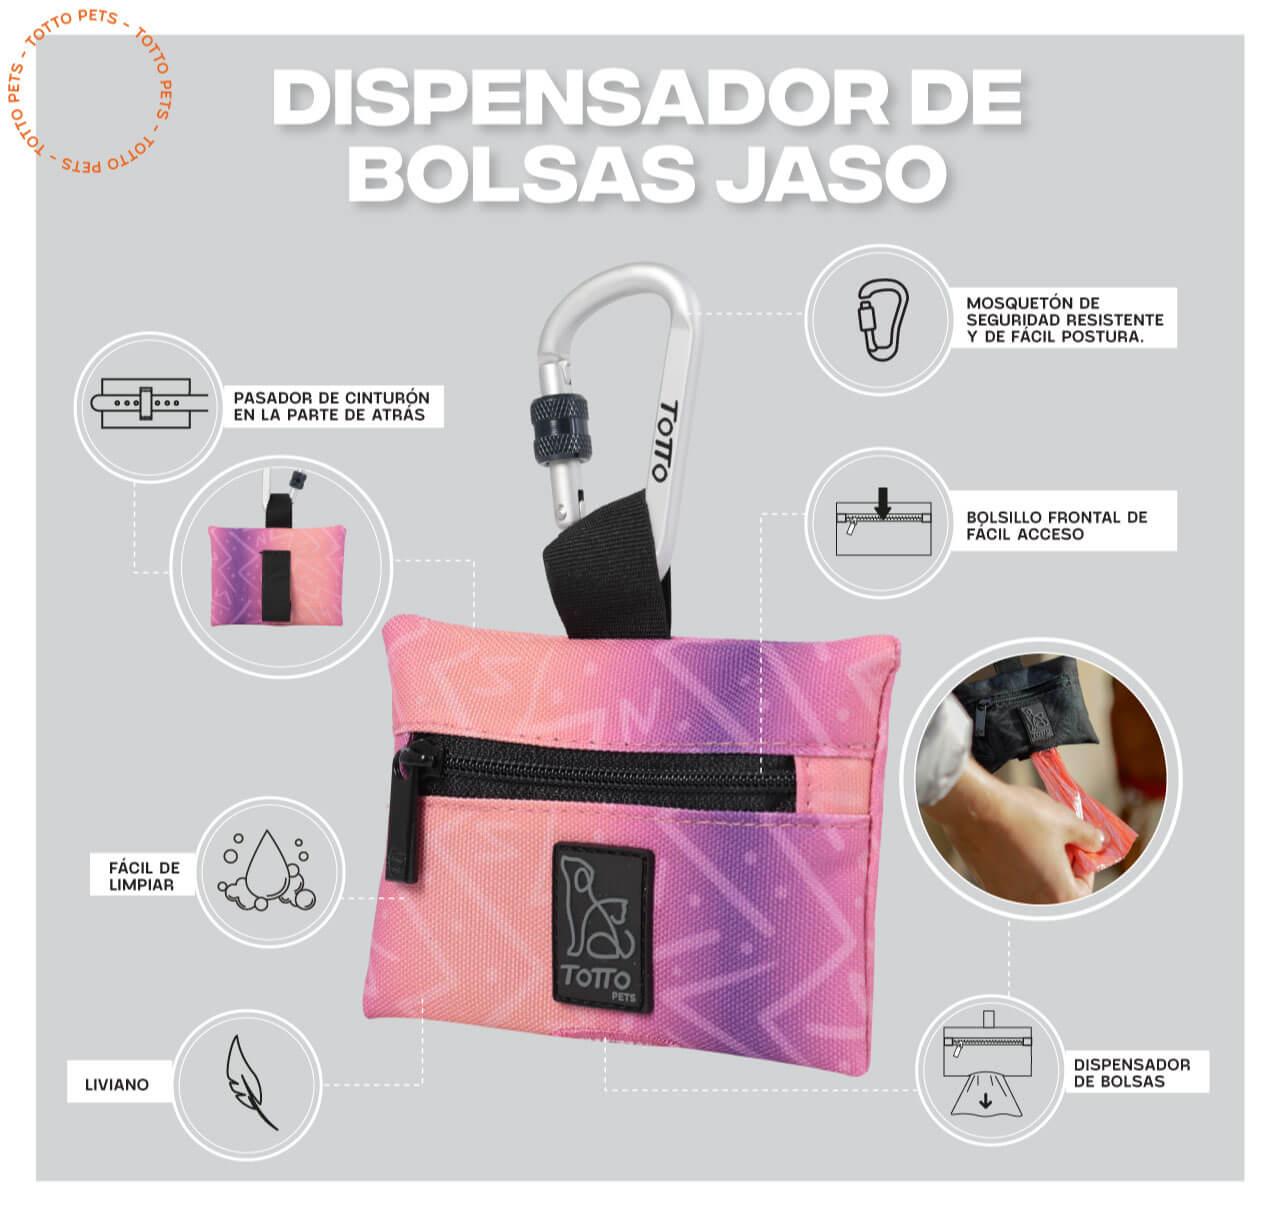 Dispensador Bolsas Jaso